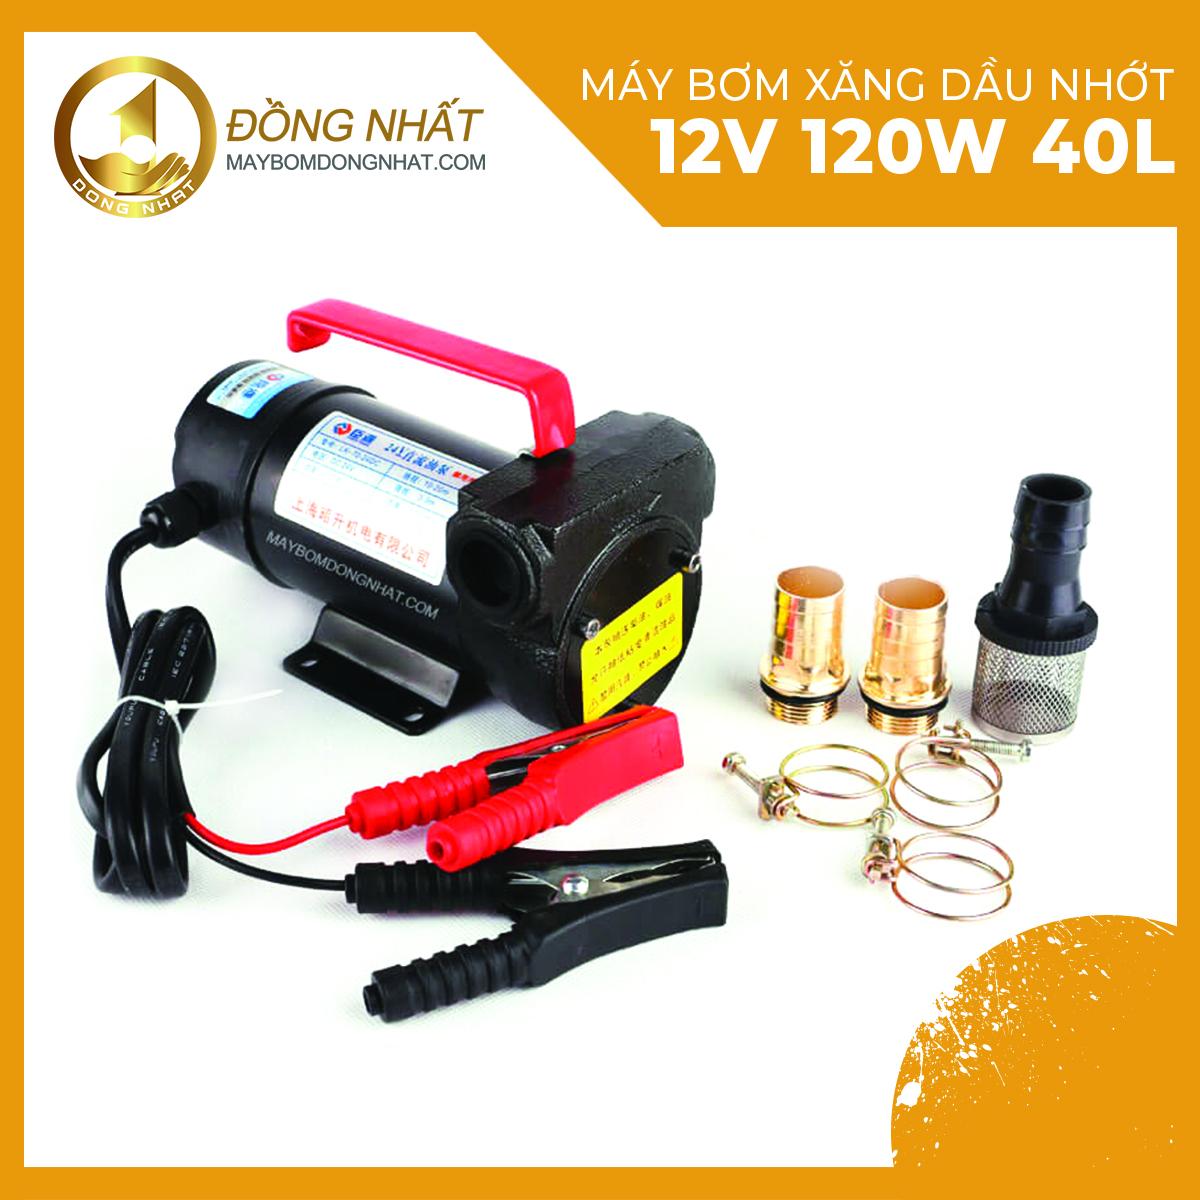 máy bơm xăng dầu nhớt inox 12v 120w 40l